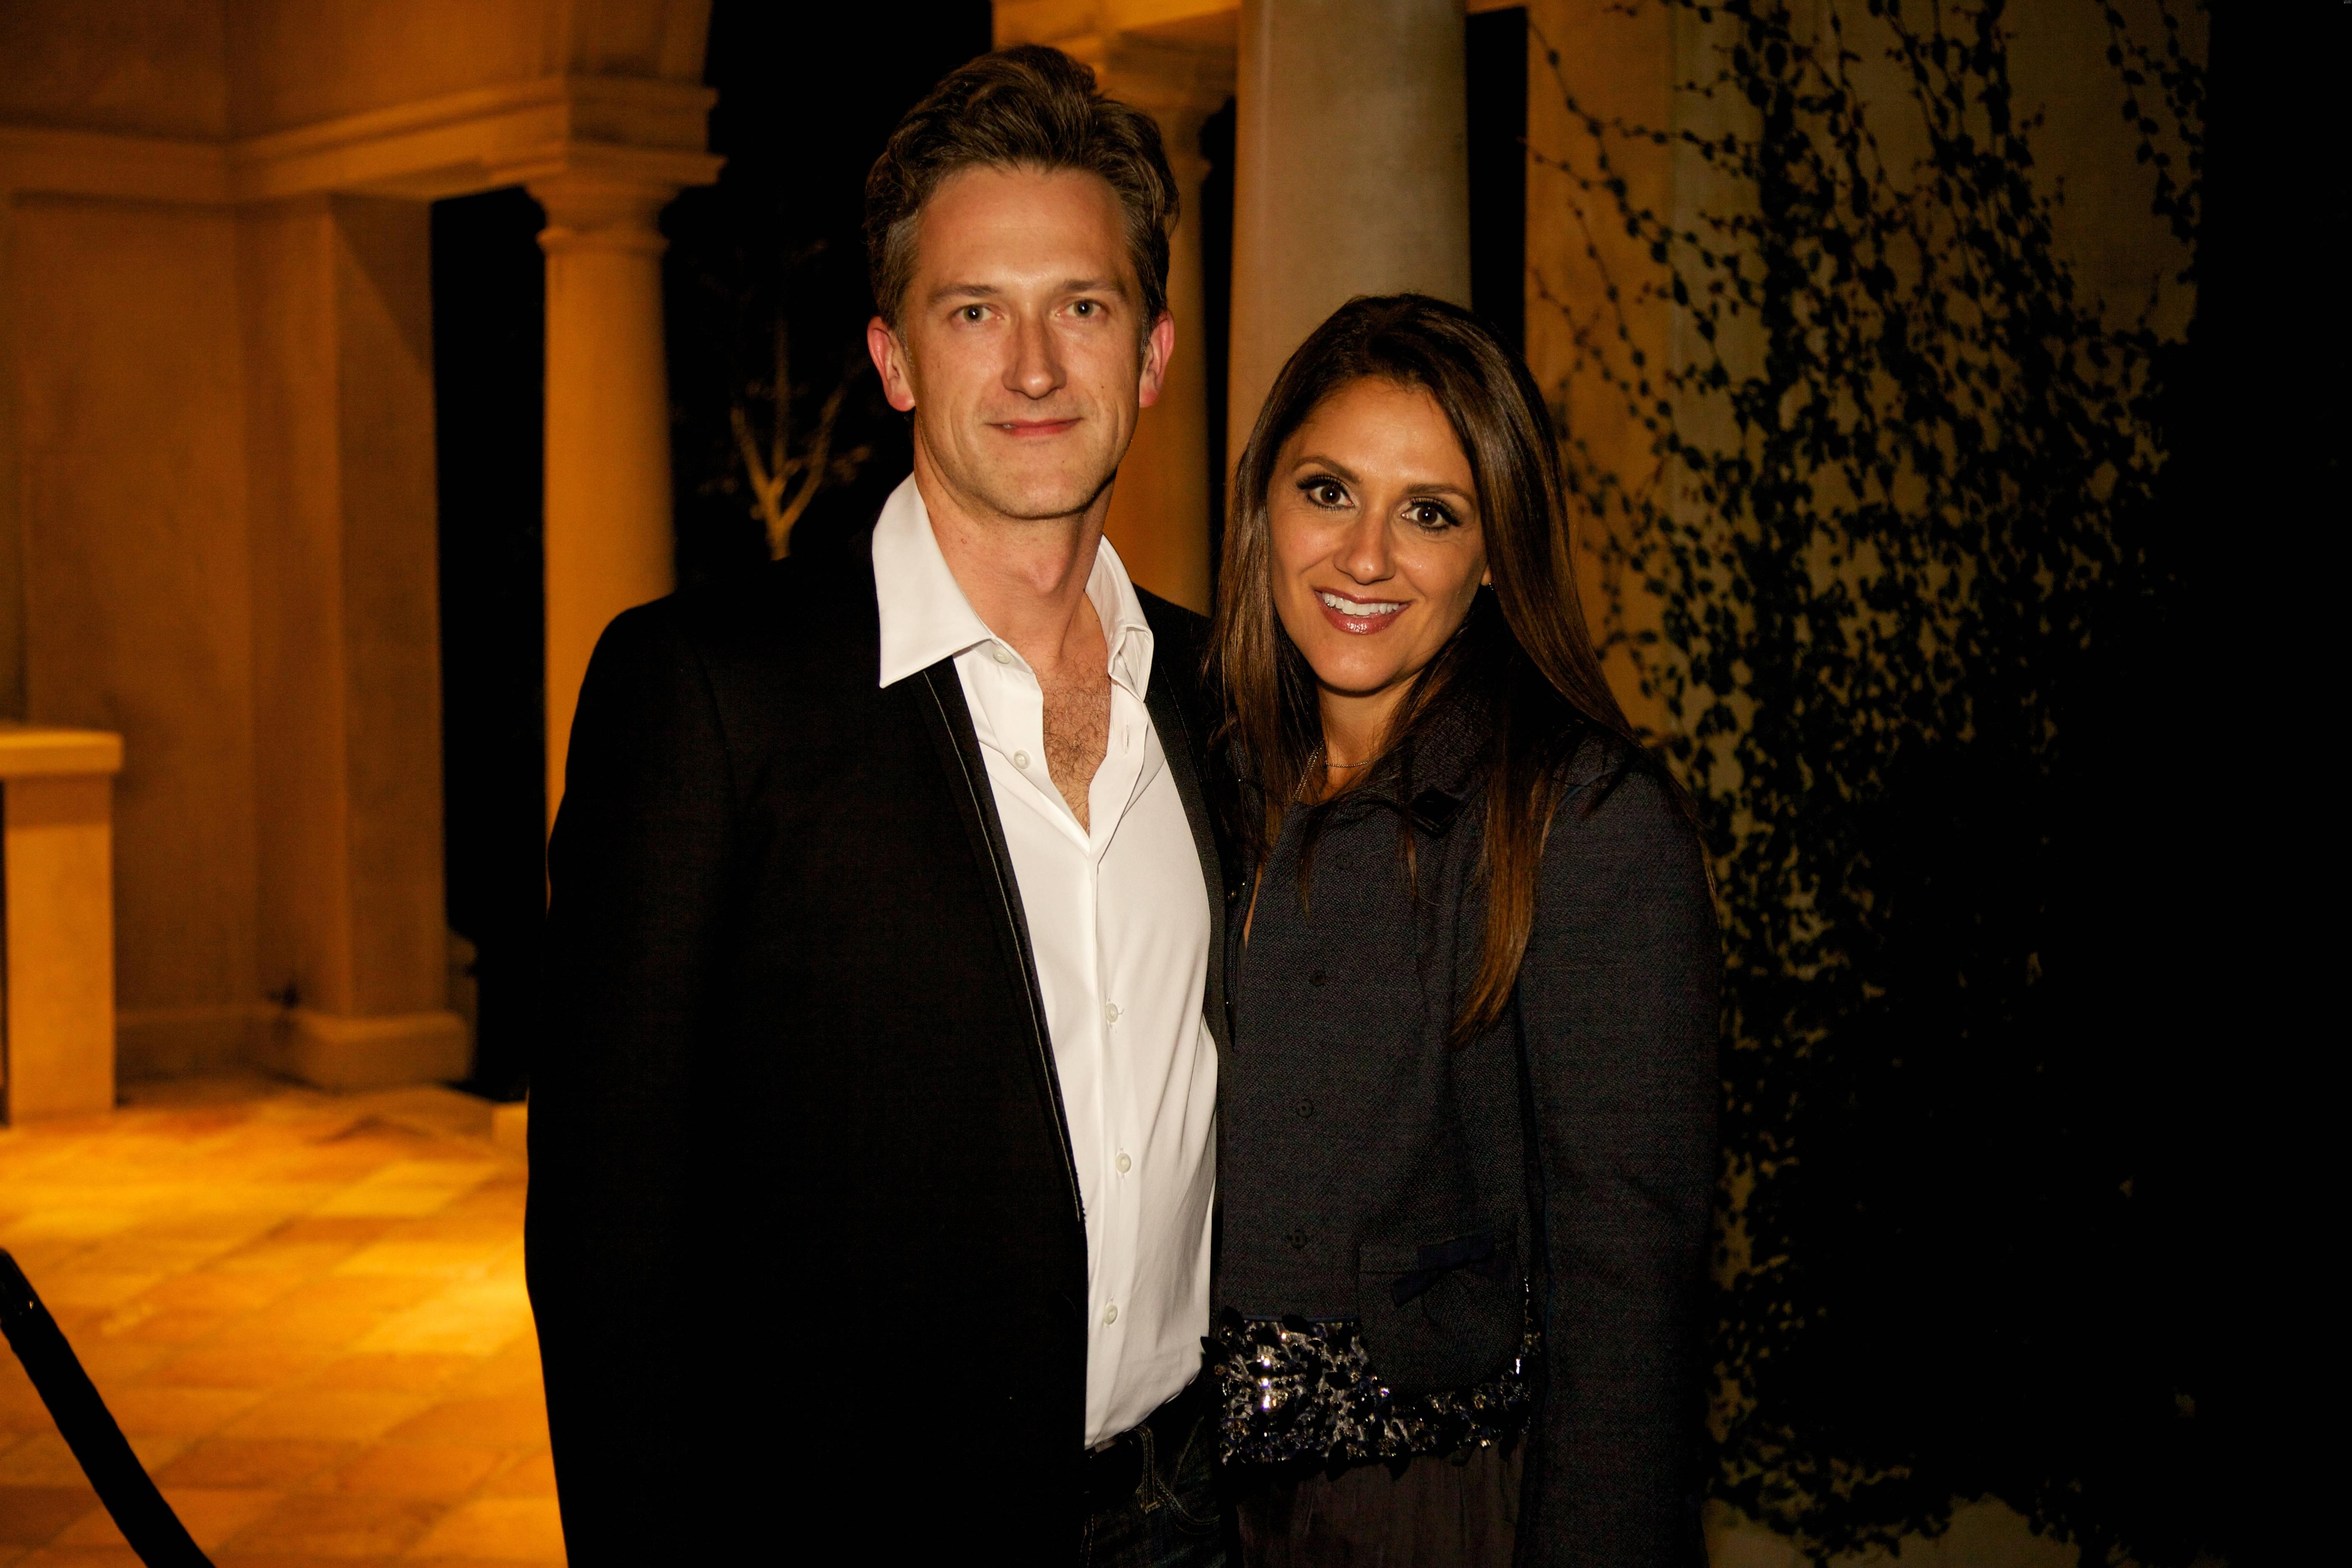 Paul & Michelle Janavs